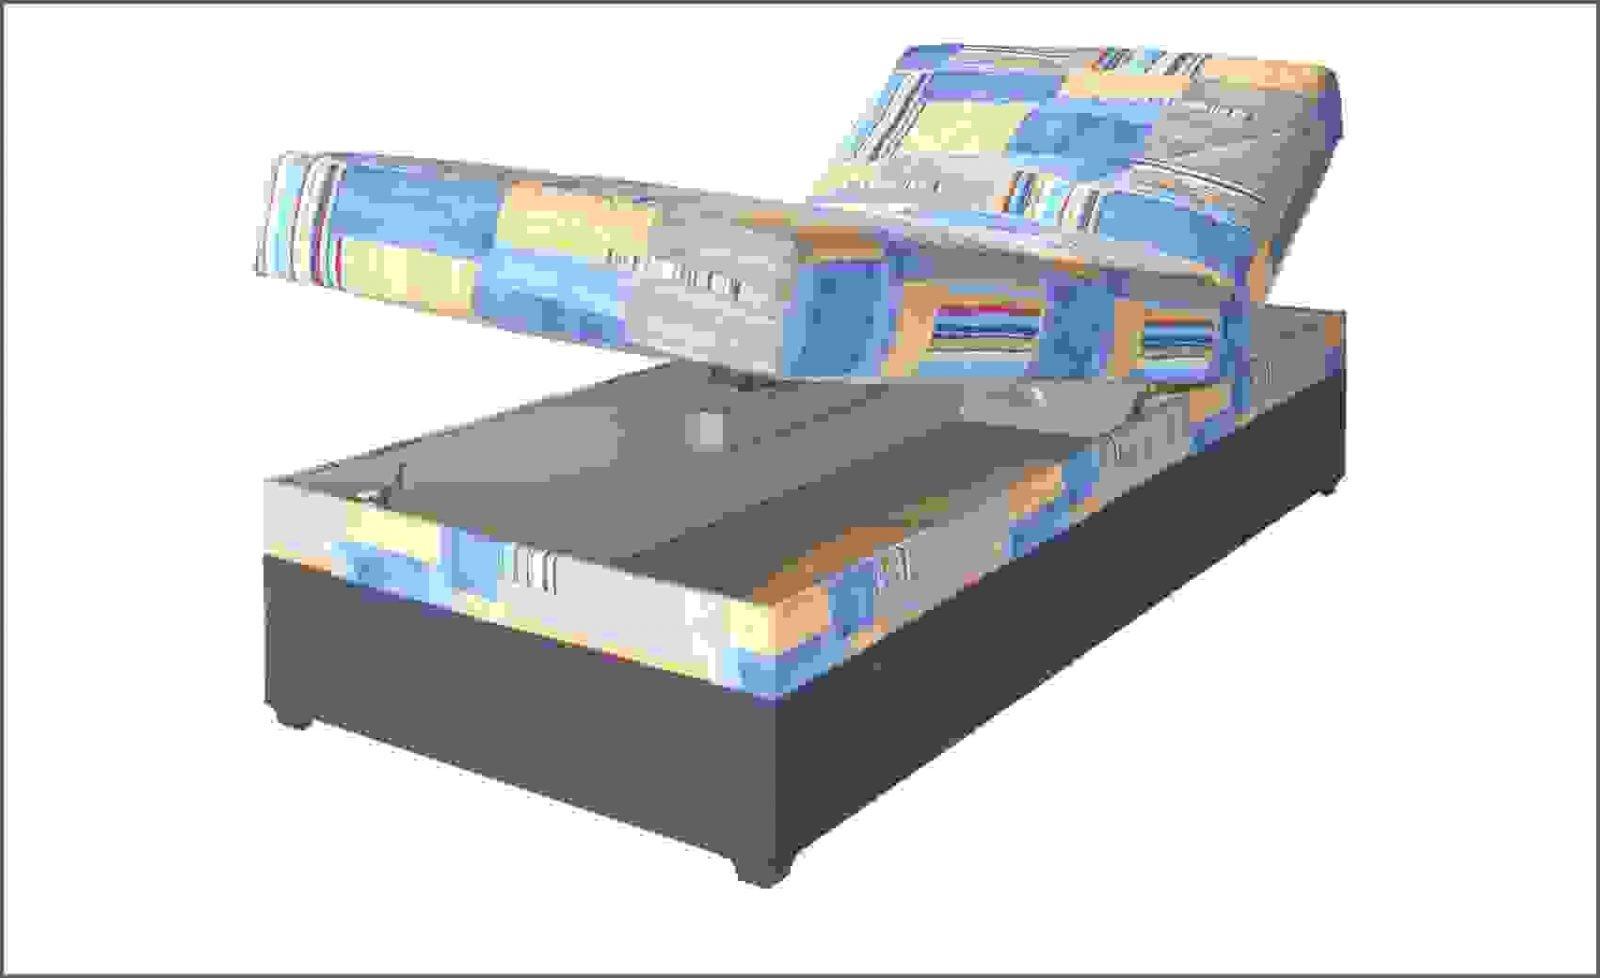 Polsterliege 90X200 Genial Bettkasten Amped For Haus Von von Polsterliege Mit Bettkasten 90X200 Bild